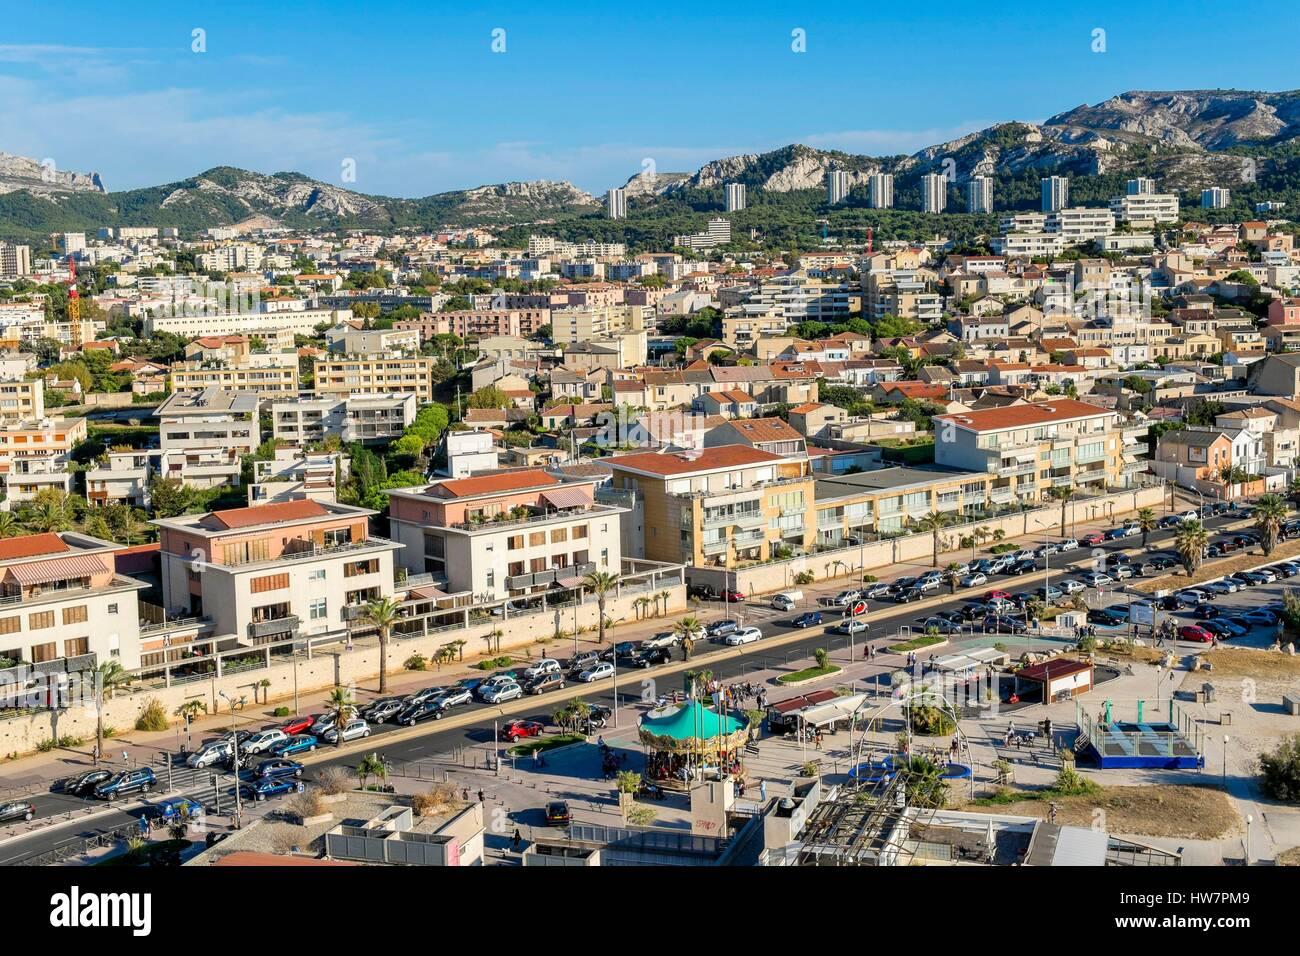 France, Bouches du Rhône, Marseille, les plages du Prado, avenue Pierre Mendes France (vue aérienne) Banque D'Images